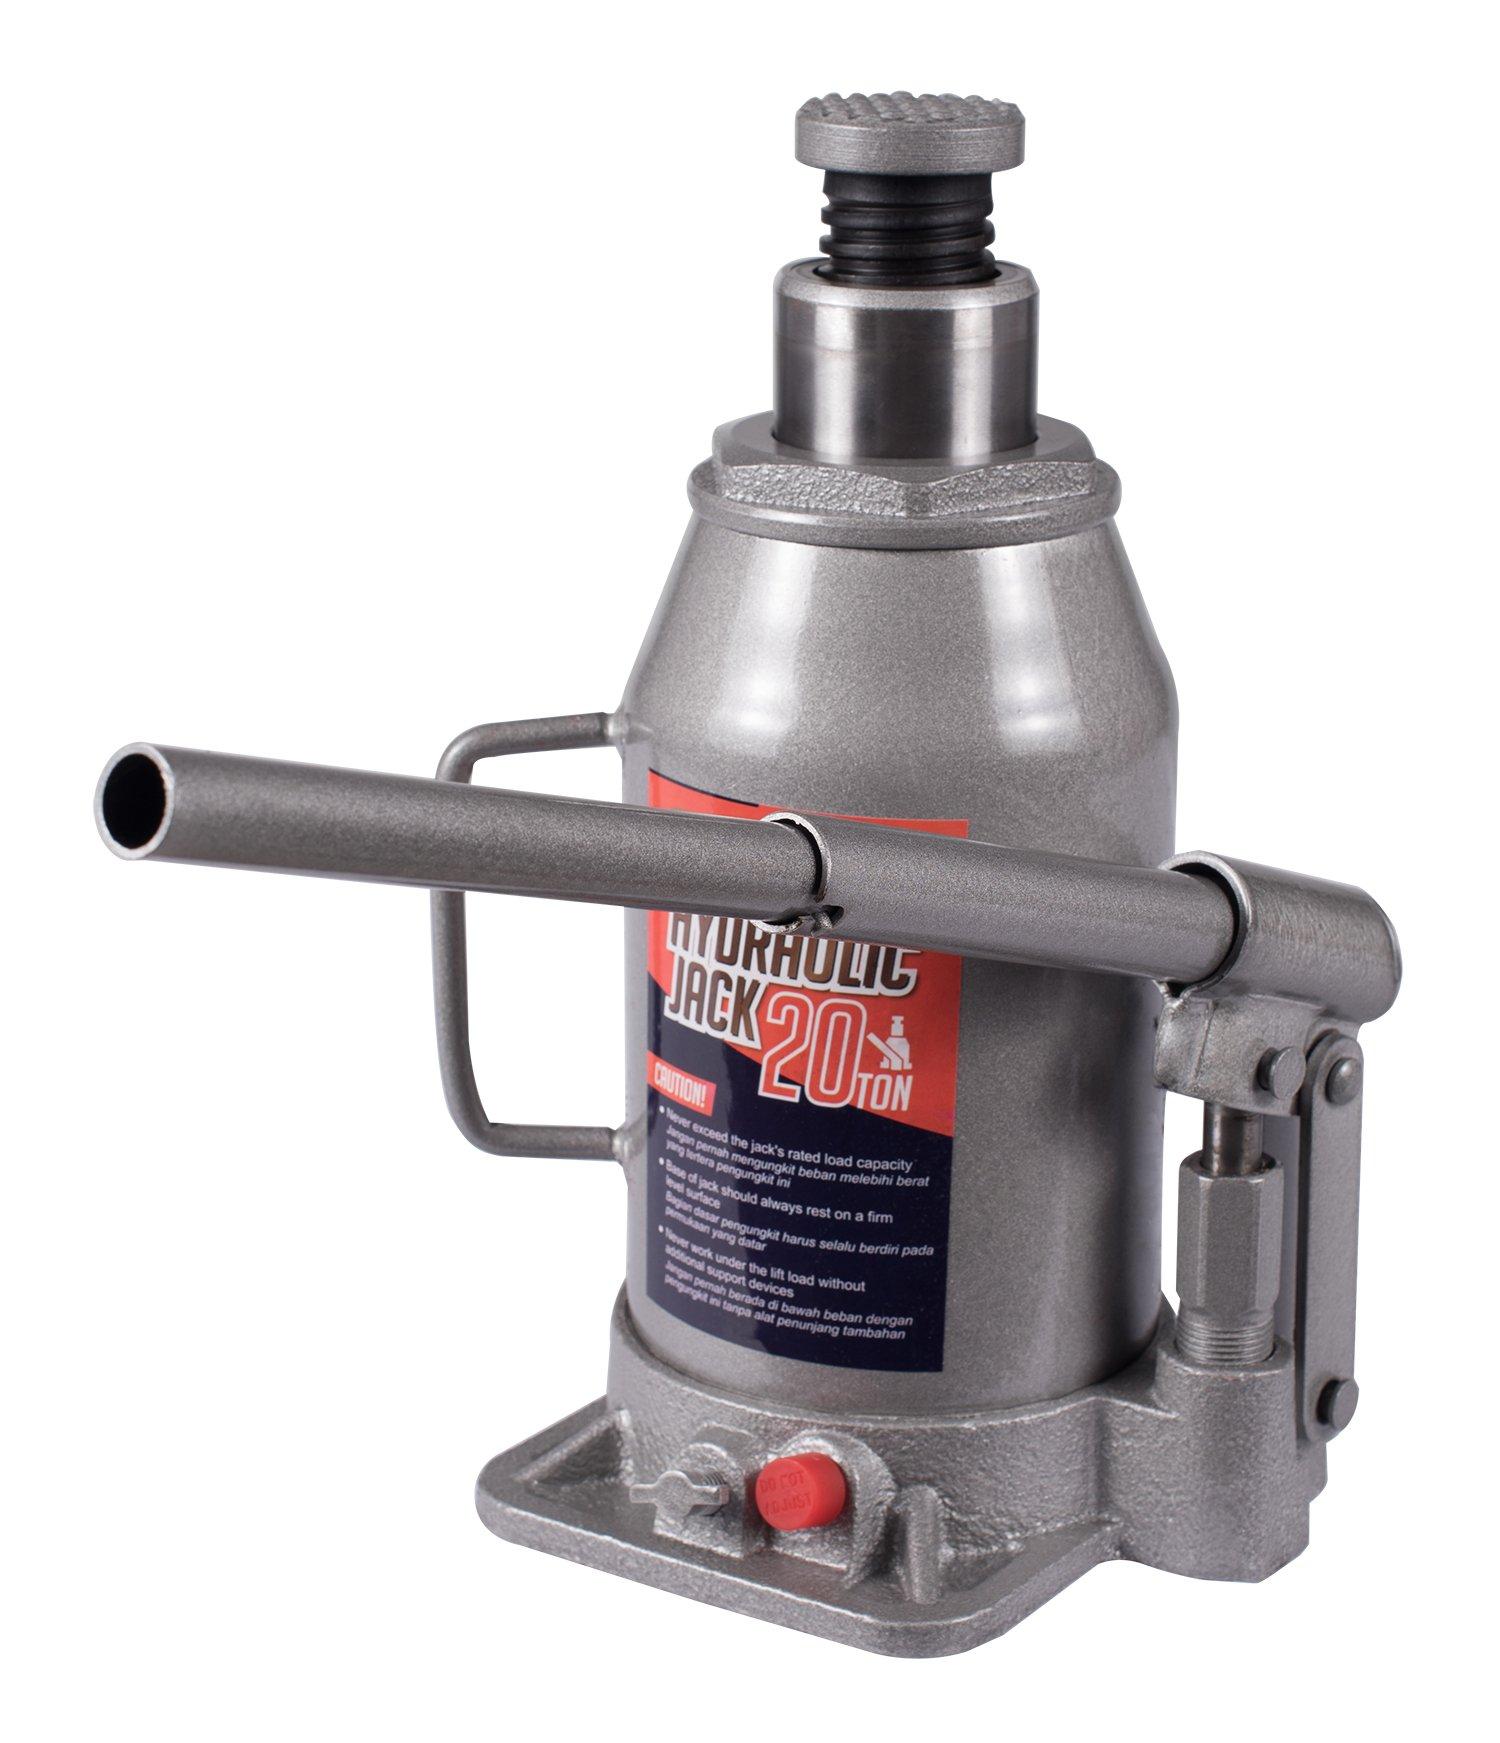 BAISHITE Hydraulic Bottle Jack 20 Ton Capacity Grey by BAISHITE (Image #2)